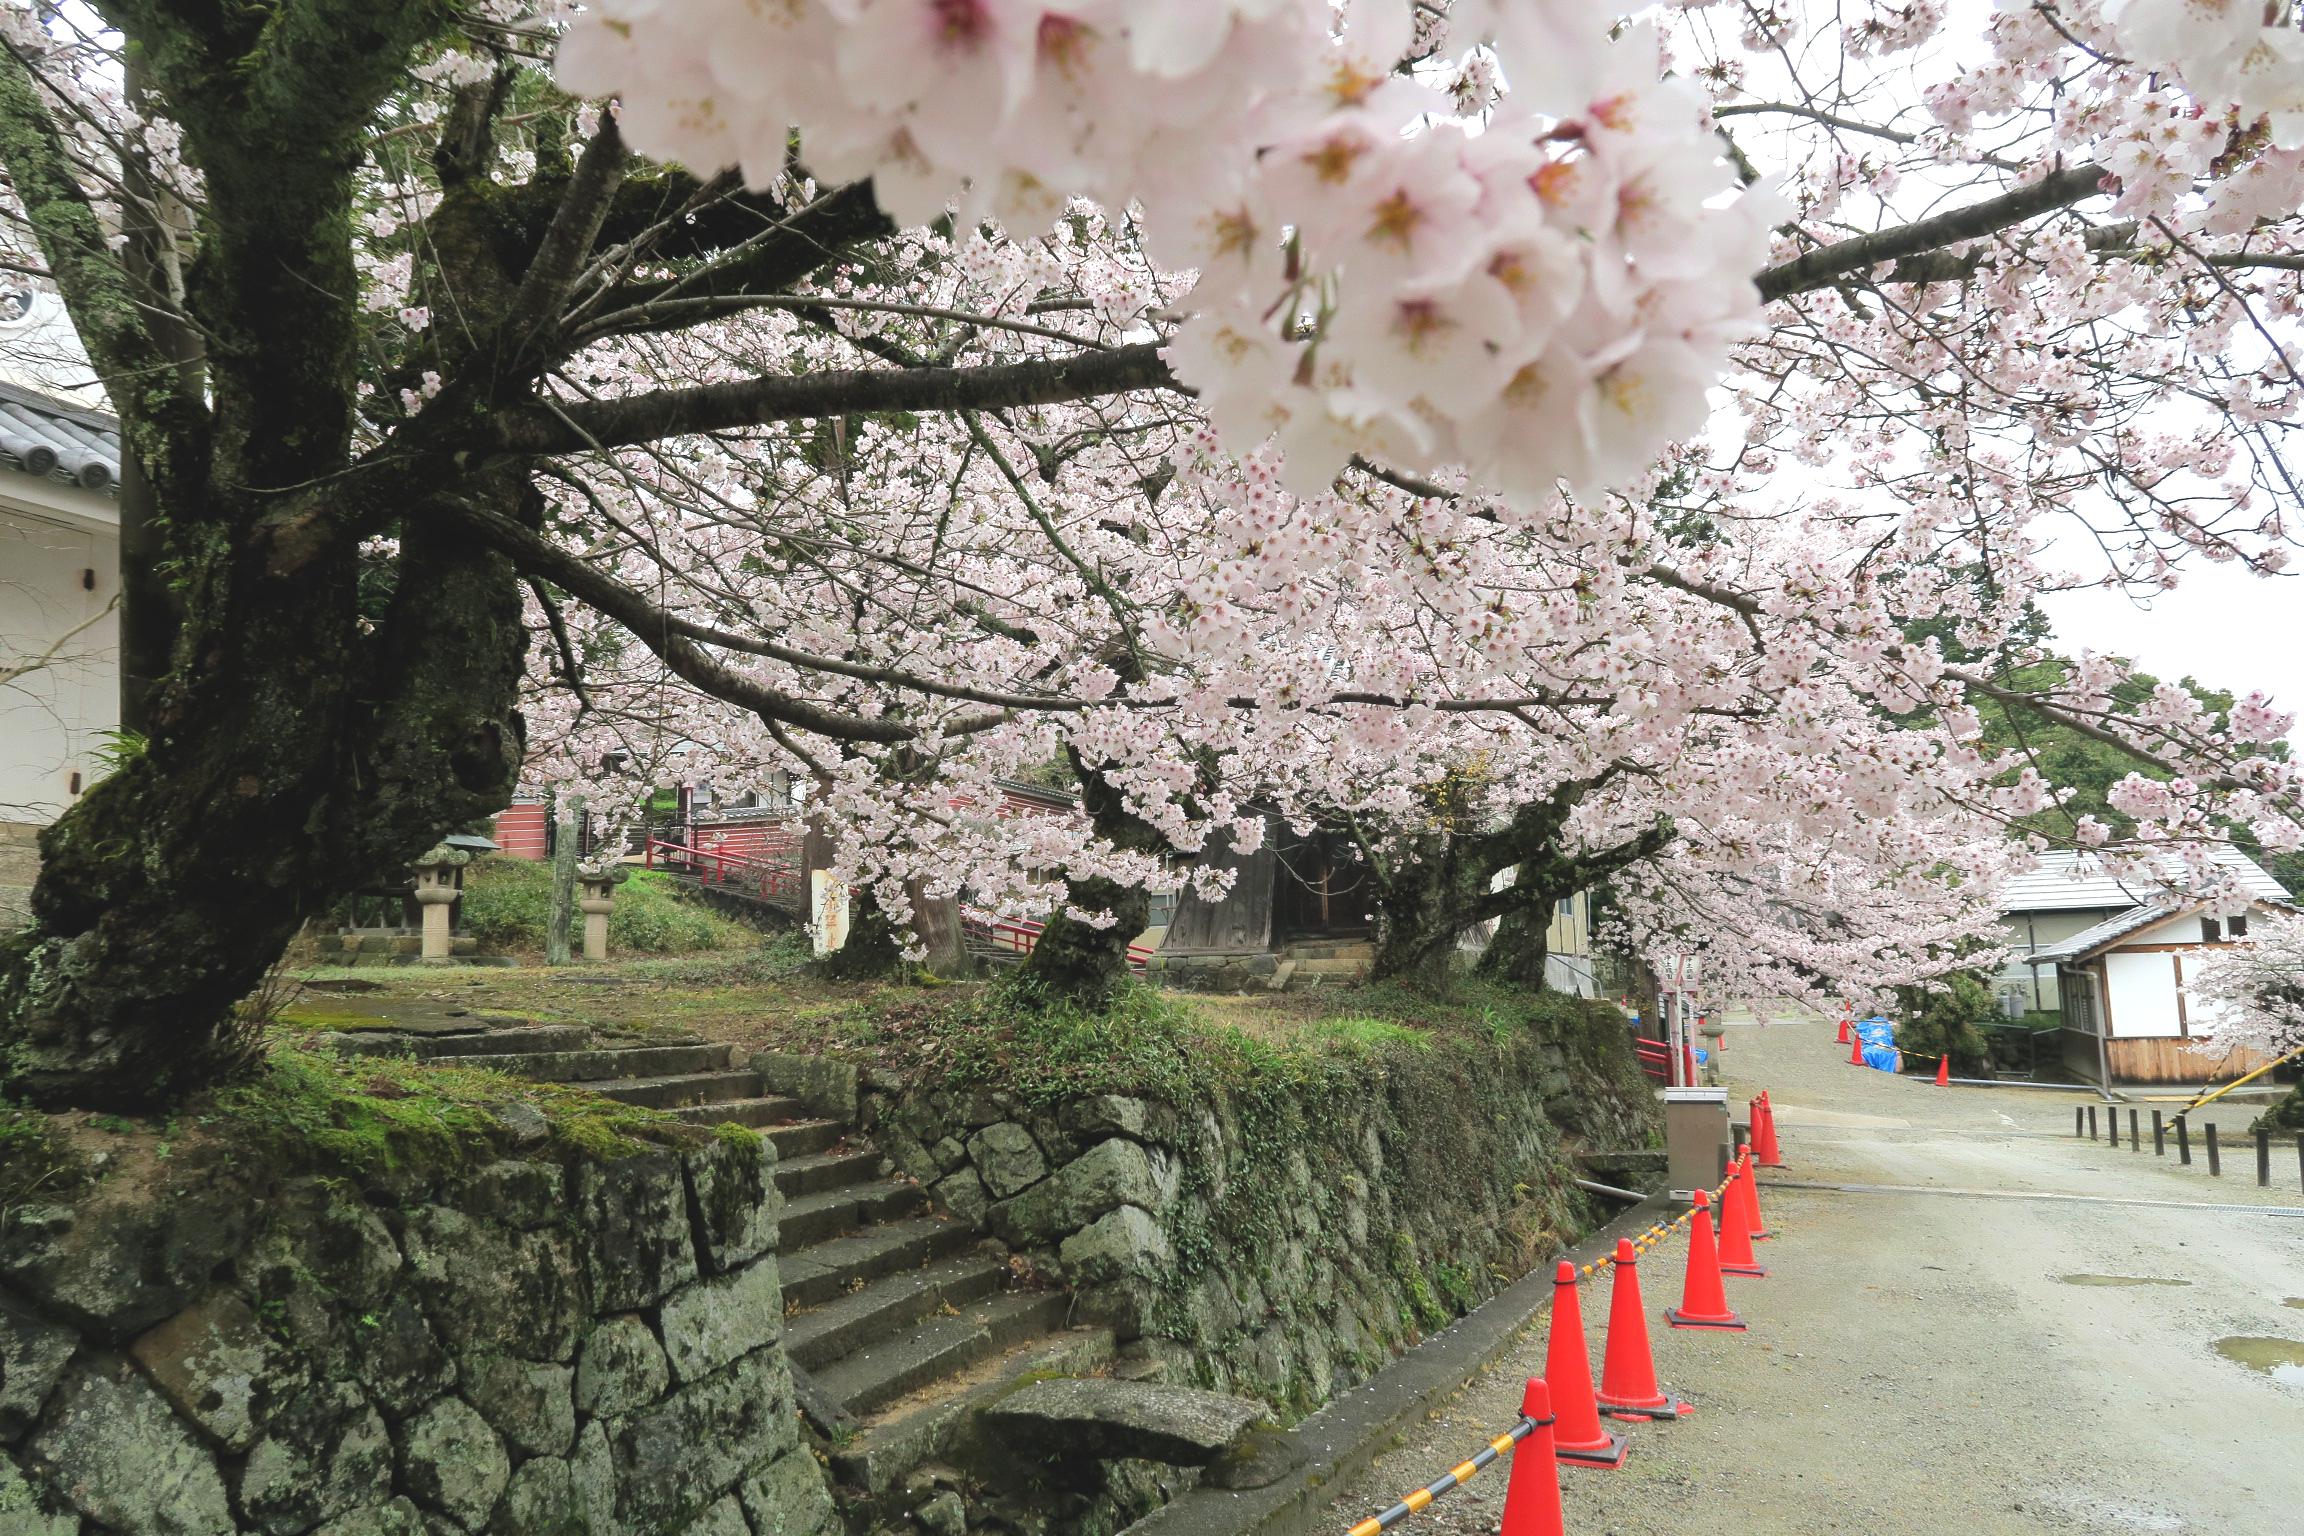 本堂裏の桜も見事に満開!赤いコーンは花見に夢中で落ちないようにするためですかね?